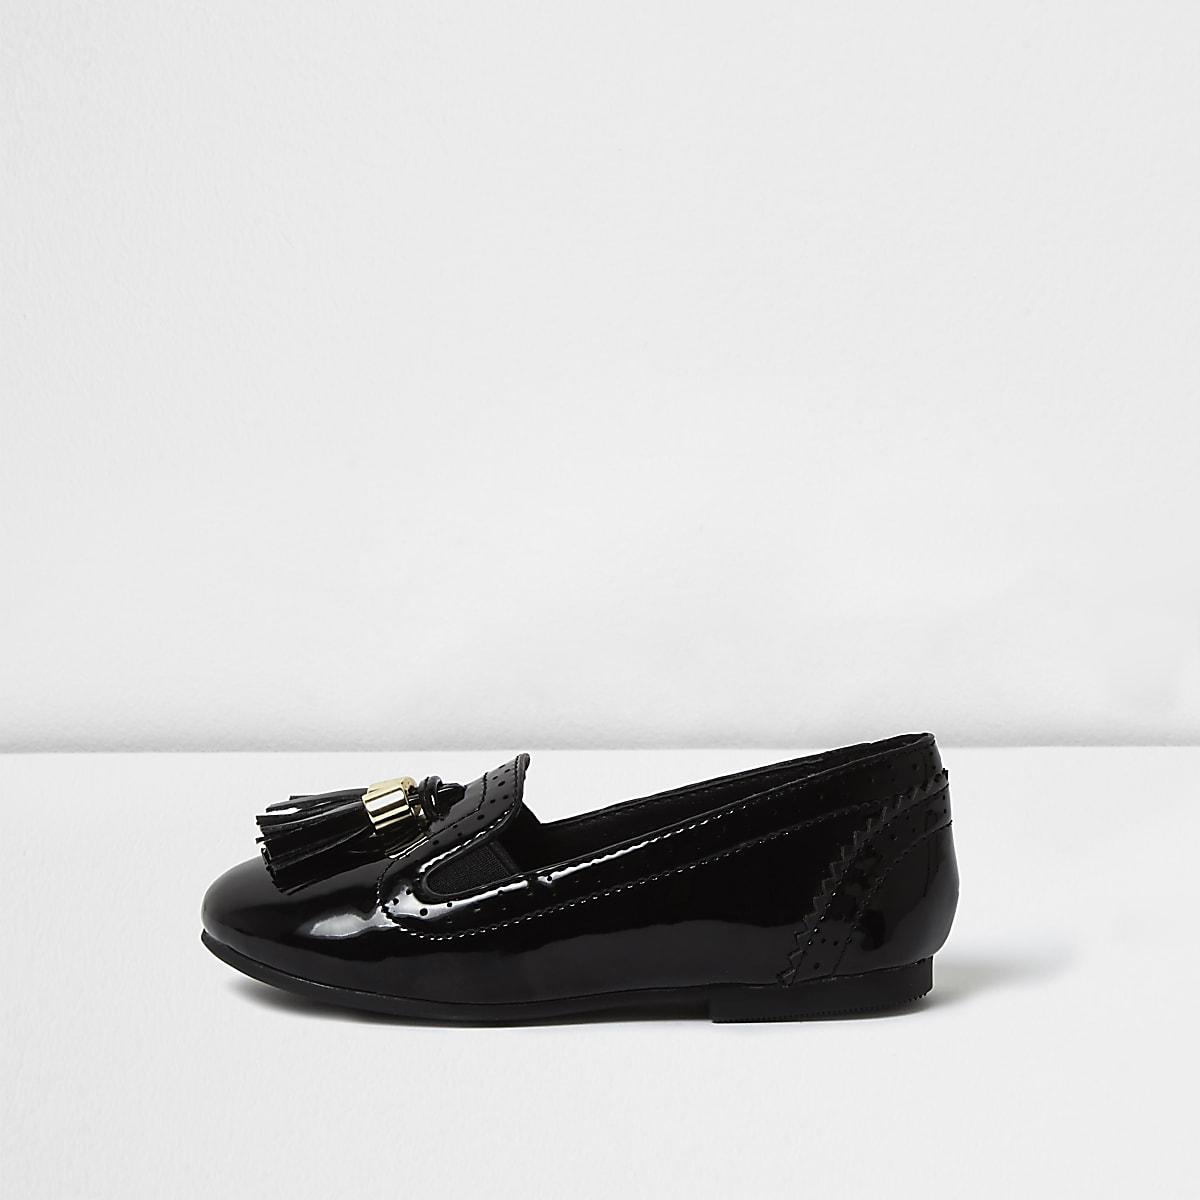 Schwarze Lack-Loafer im Brogue-Stil mit Quaste